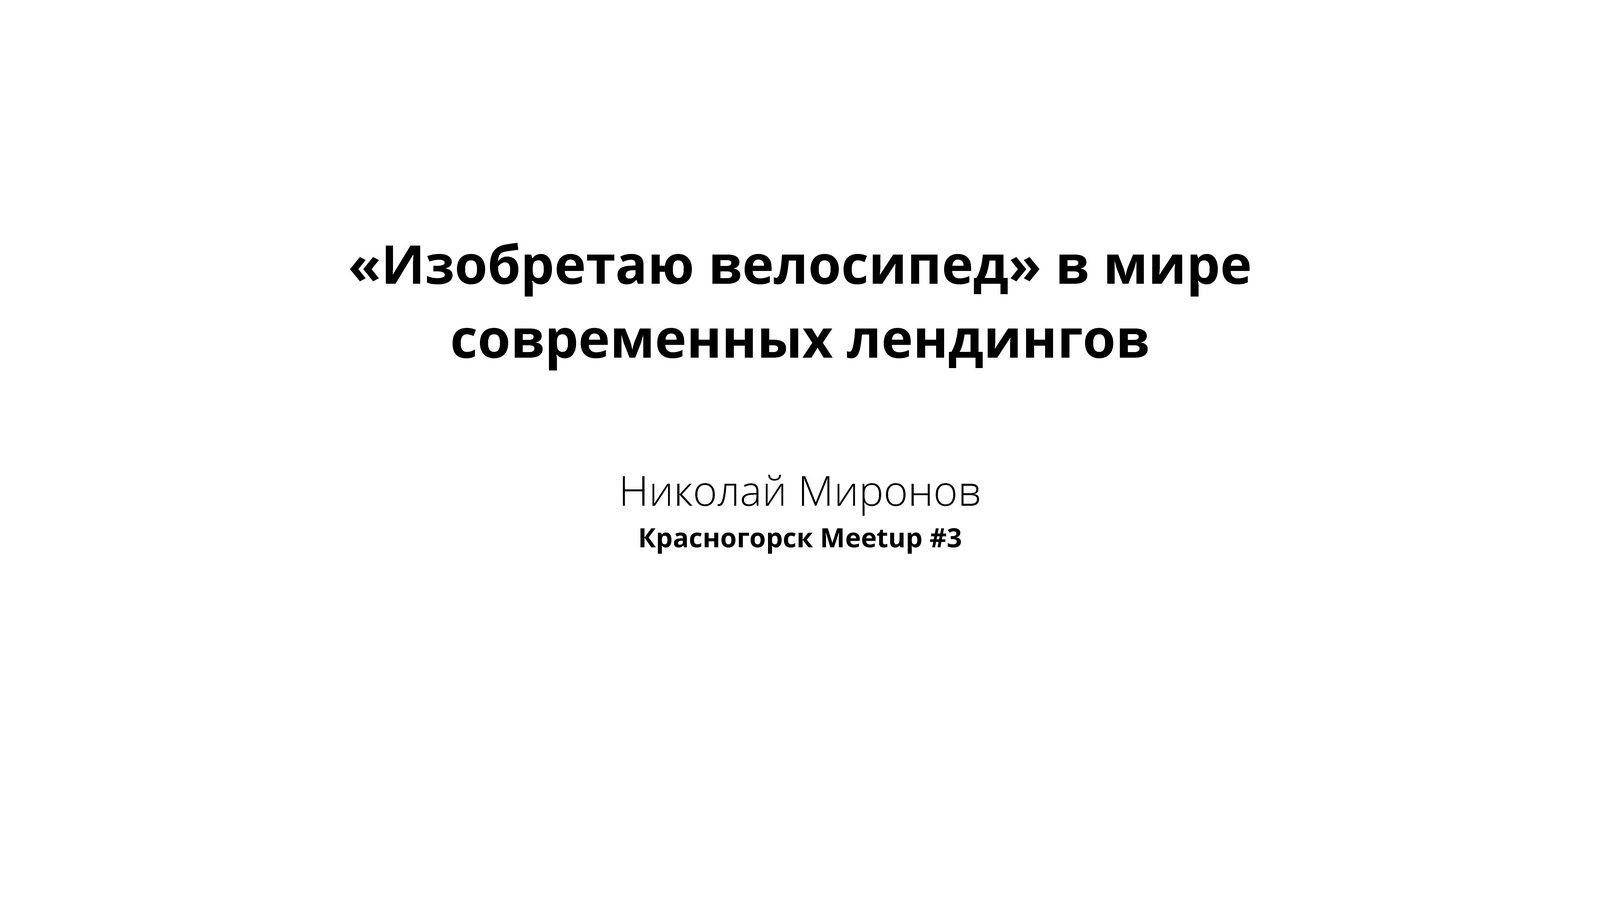 Свой велосипед в мире лендингов — Николай Миронов_Page_01